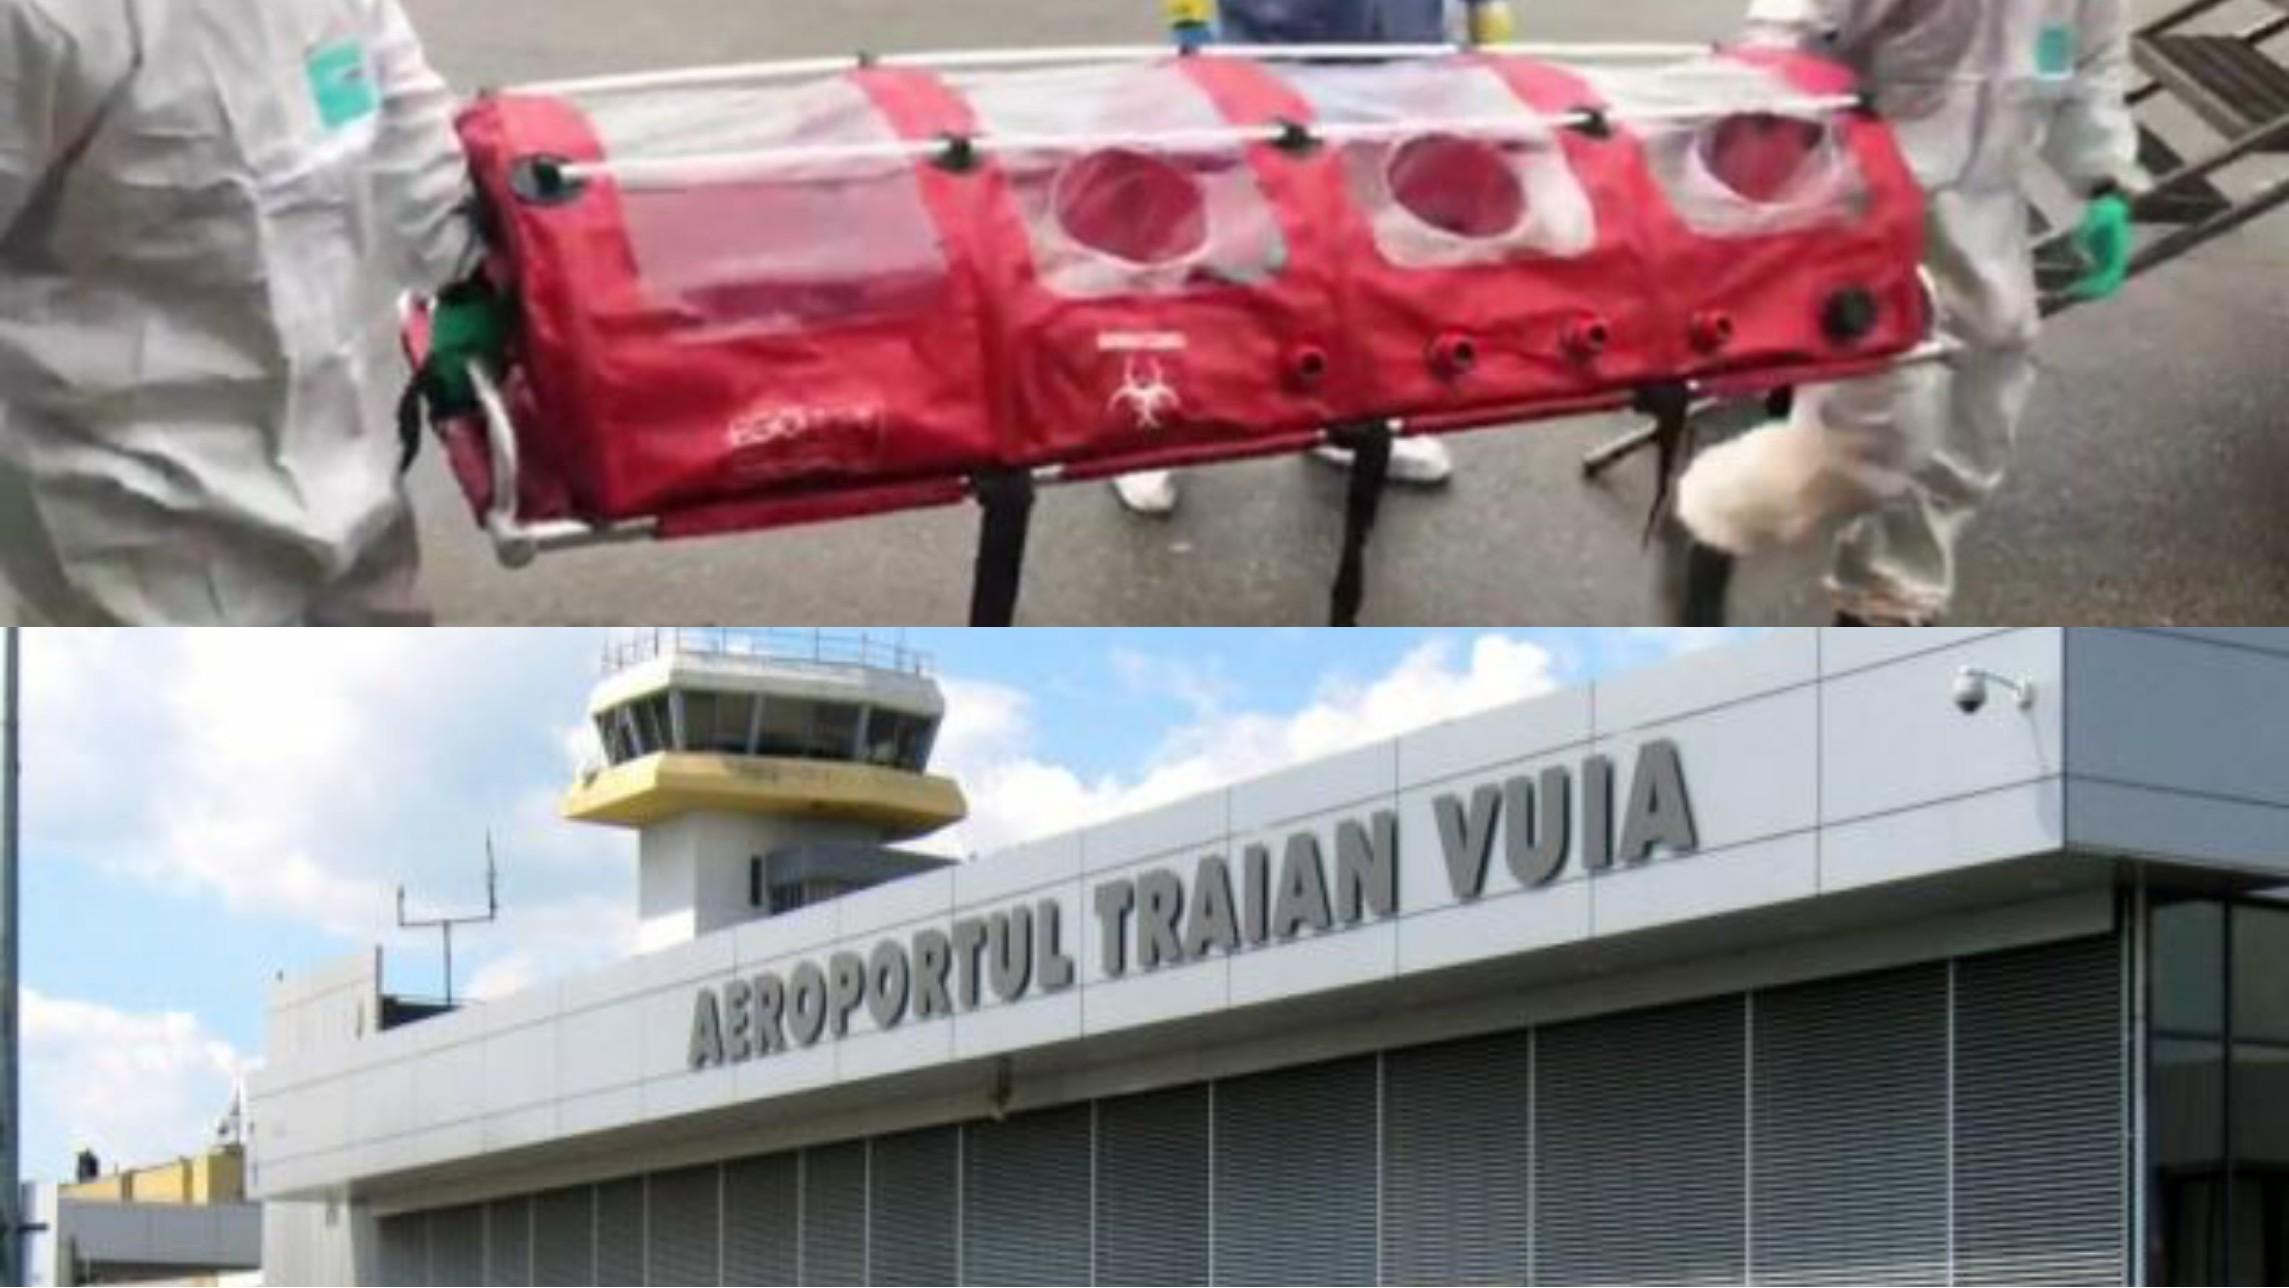 """Coronavirus: Suspiciuni de coronavirus pe Aeroportul """"Traian Vuia"""" Timișoara, o izoletă este pe drum către aeroport"""